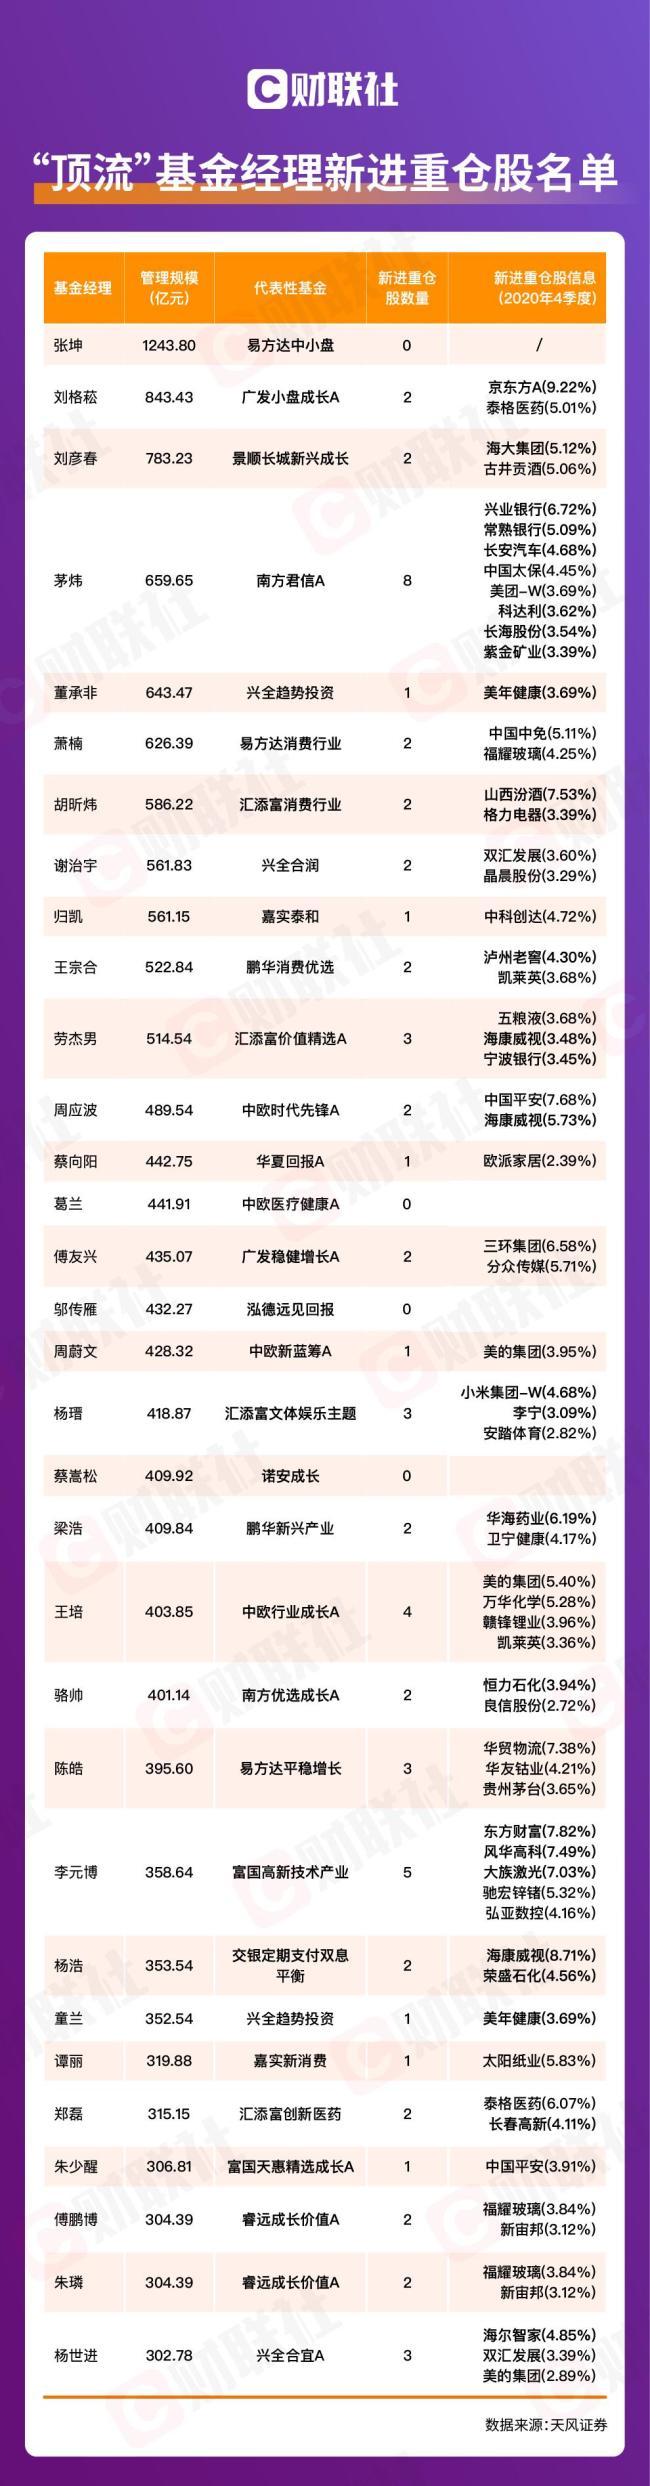 """""""顶流""""基金经理新进重仓股名单 多为各行业龙头股票"""